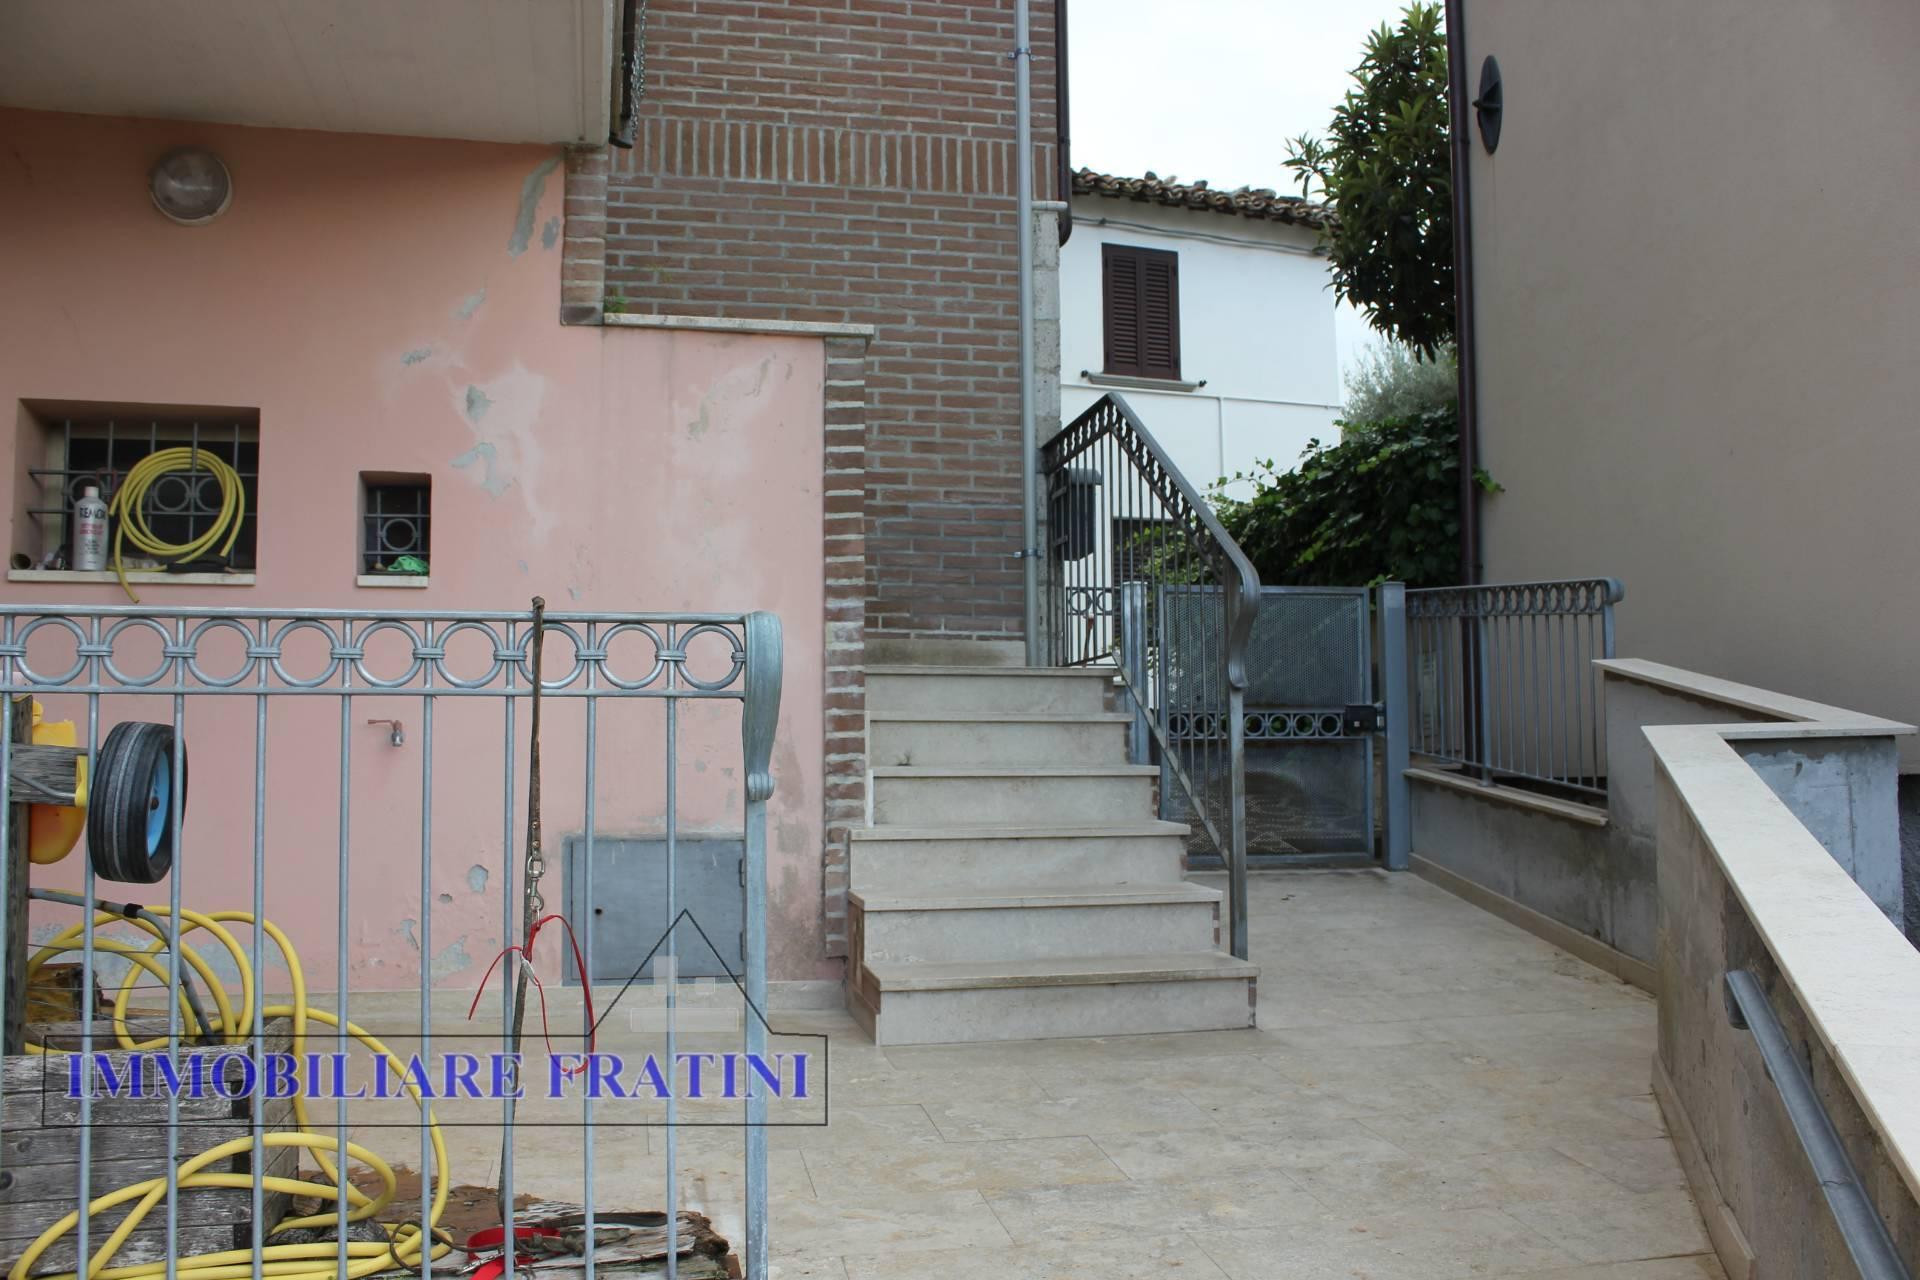 Appartamento in vendita a Folignano, 5 locali, prezzo € 89.000 | PortaleAgenzieImmobiliari.it